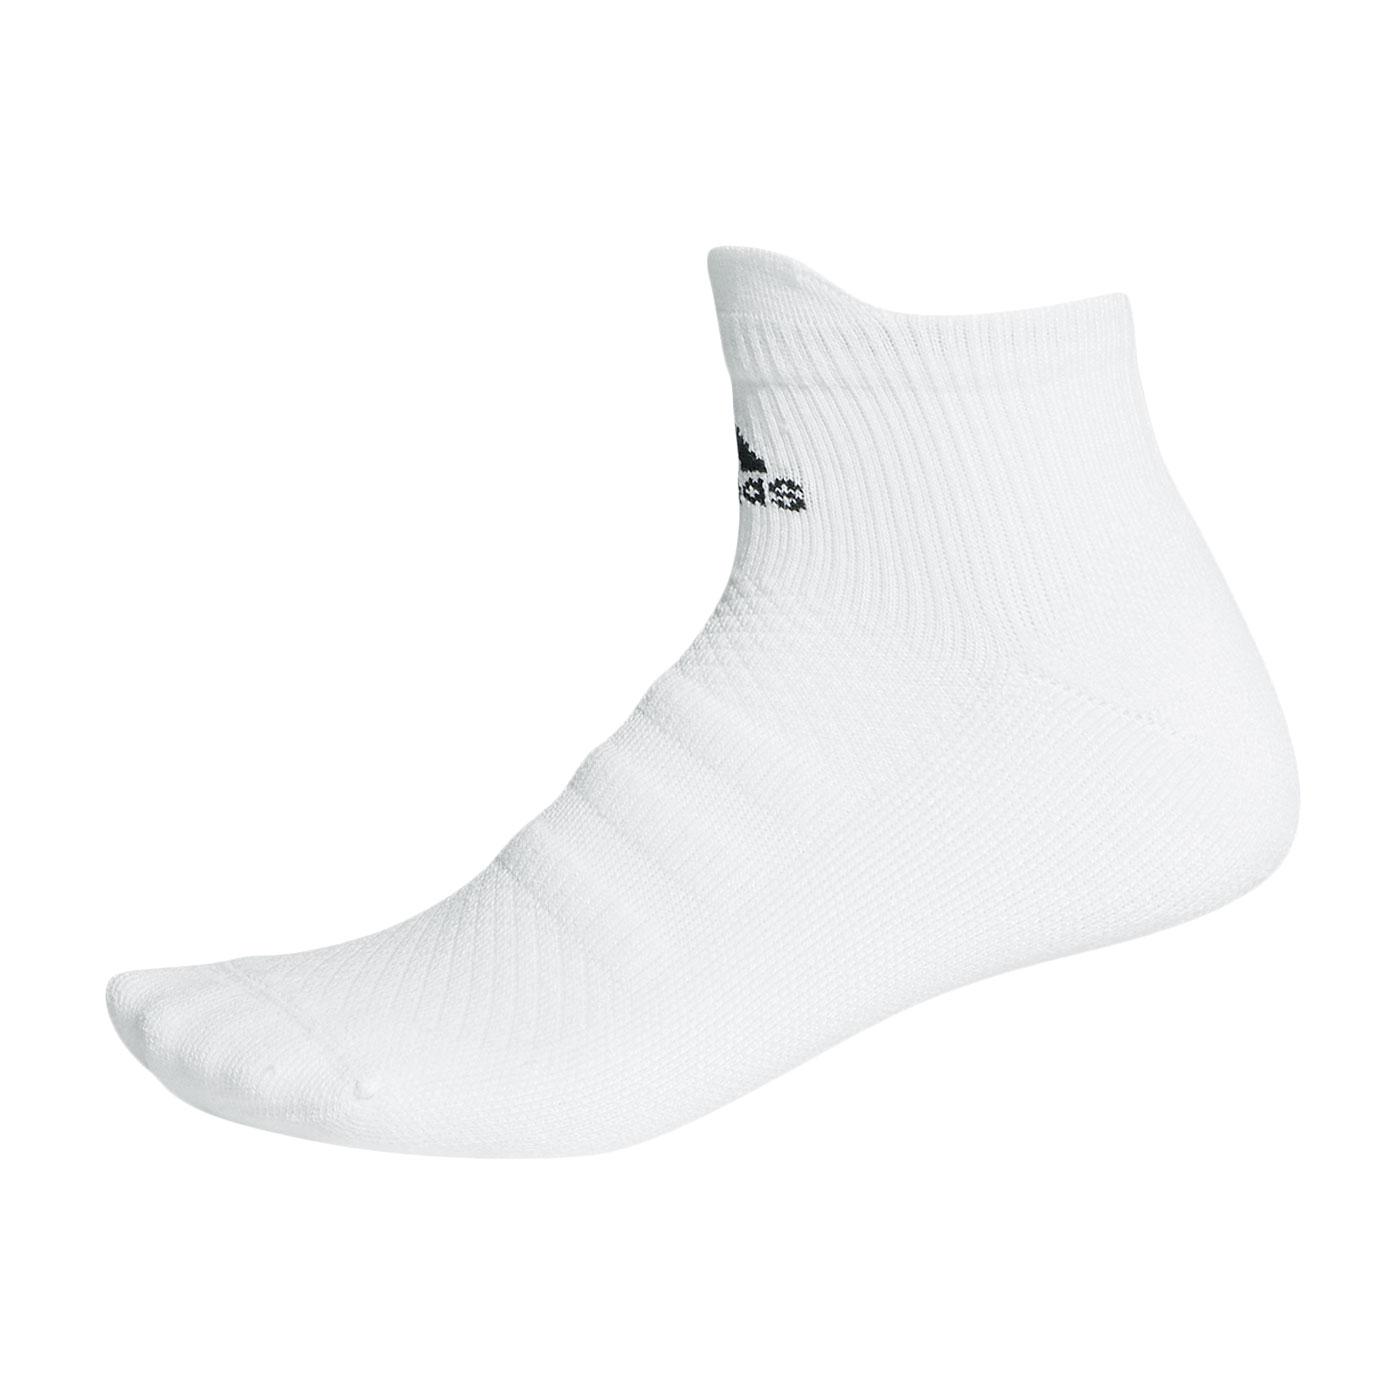 ADIDAS 襪子 FK0961 - 白黑